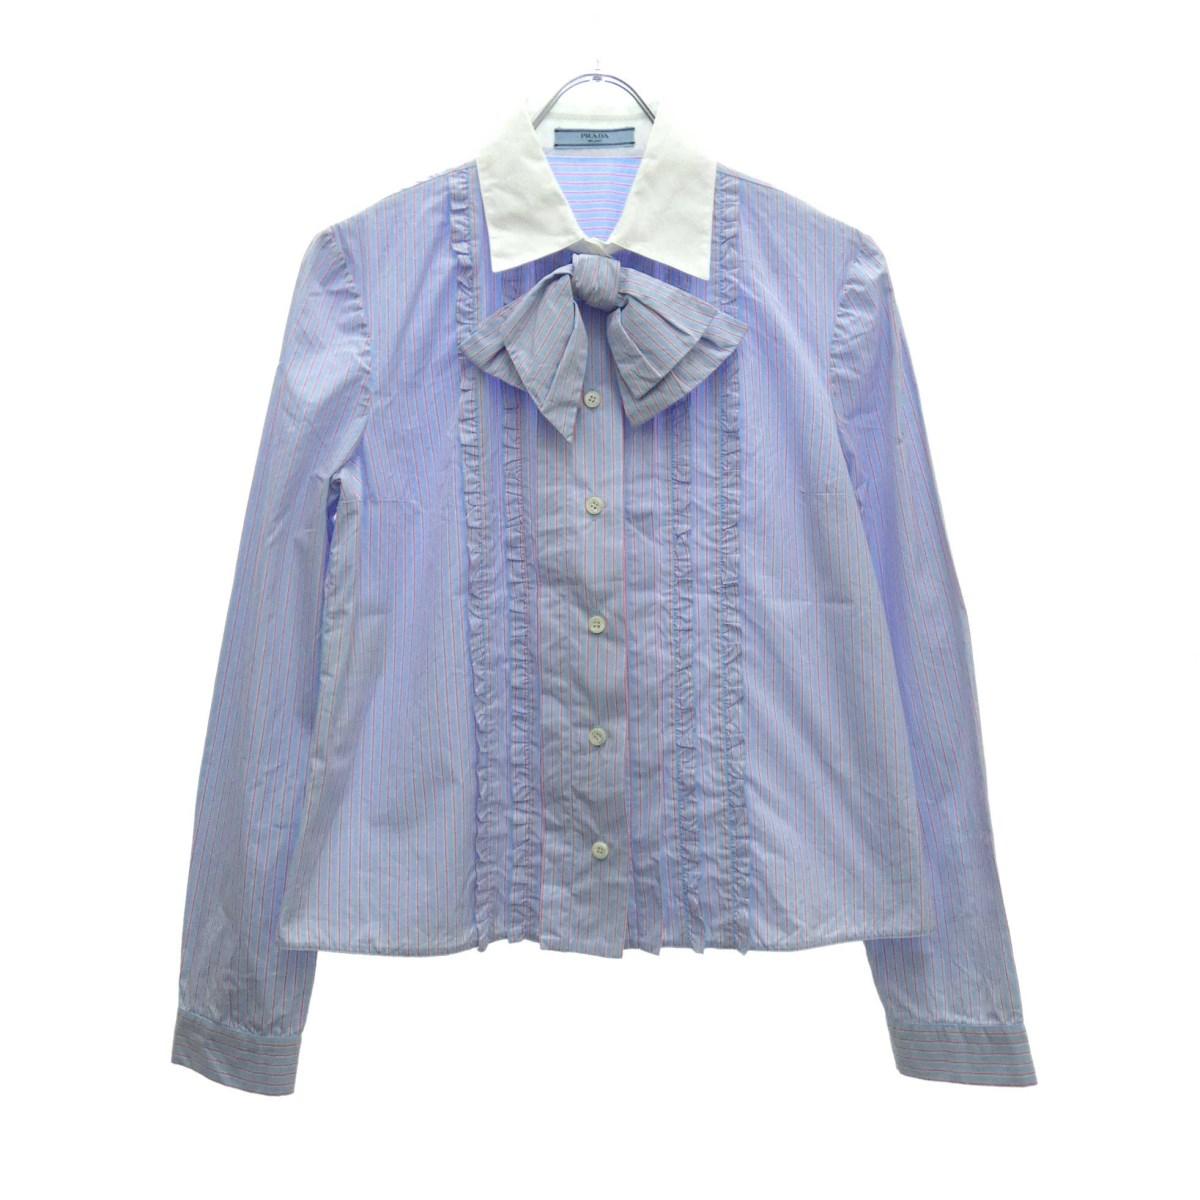 【中古】PRADA リボンストライプシャツ ブルー×ホワイト サイズ:38 【070619】(プラダ)